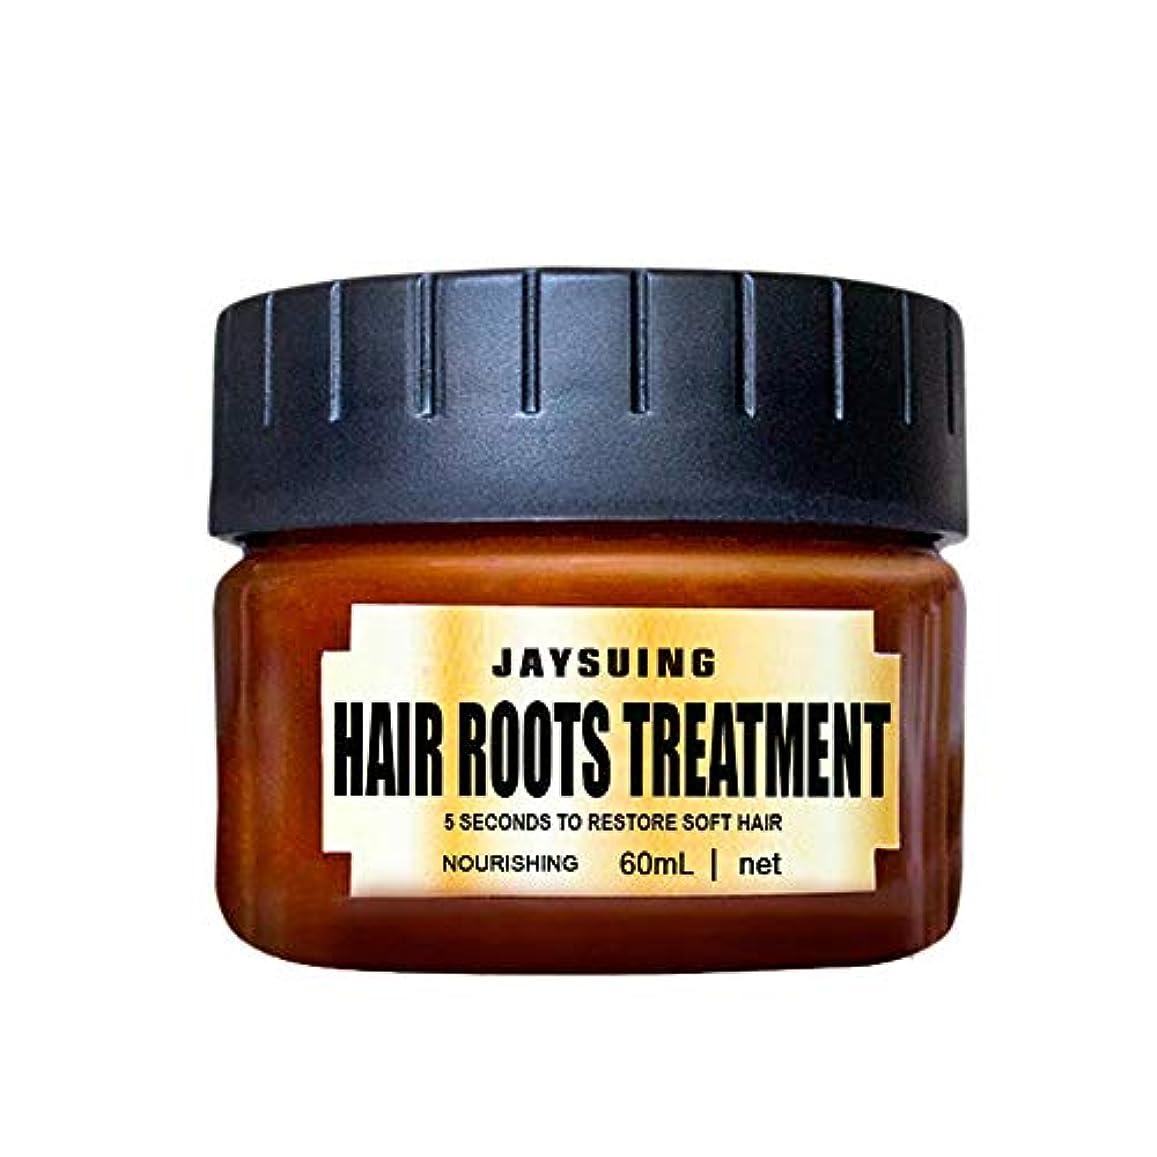 シットコム練習バイソンDOUJI天然植物成分 ヘアケア リッチリペア コンディショナー60mlダメージのある髪へ 髪の排毒ヘアマスク高度な分子毛根治療回復 髪の栄養素を補給トリートメント